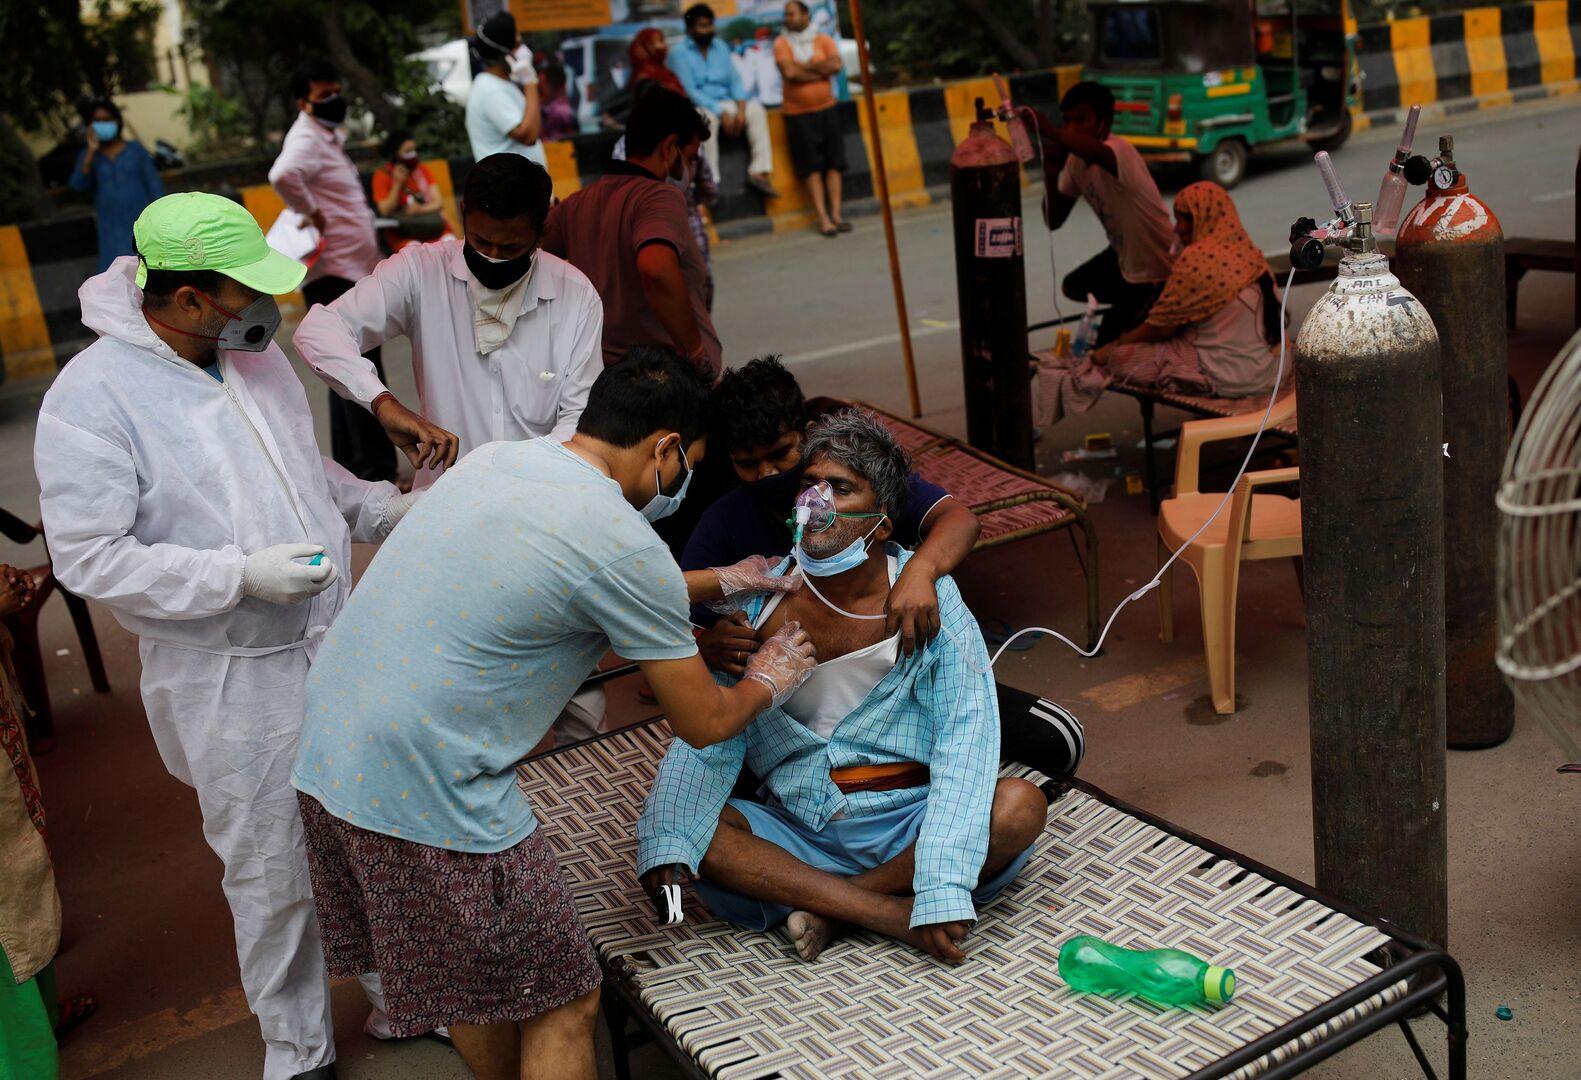 تقرير: نقص اللقاحات يضر بجهود الهند لاحتواء تفشي جائحة كورونا